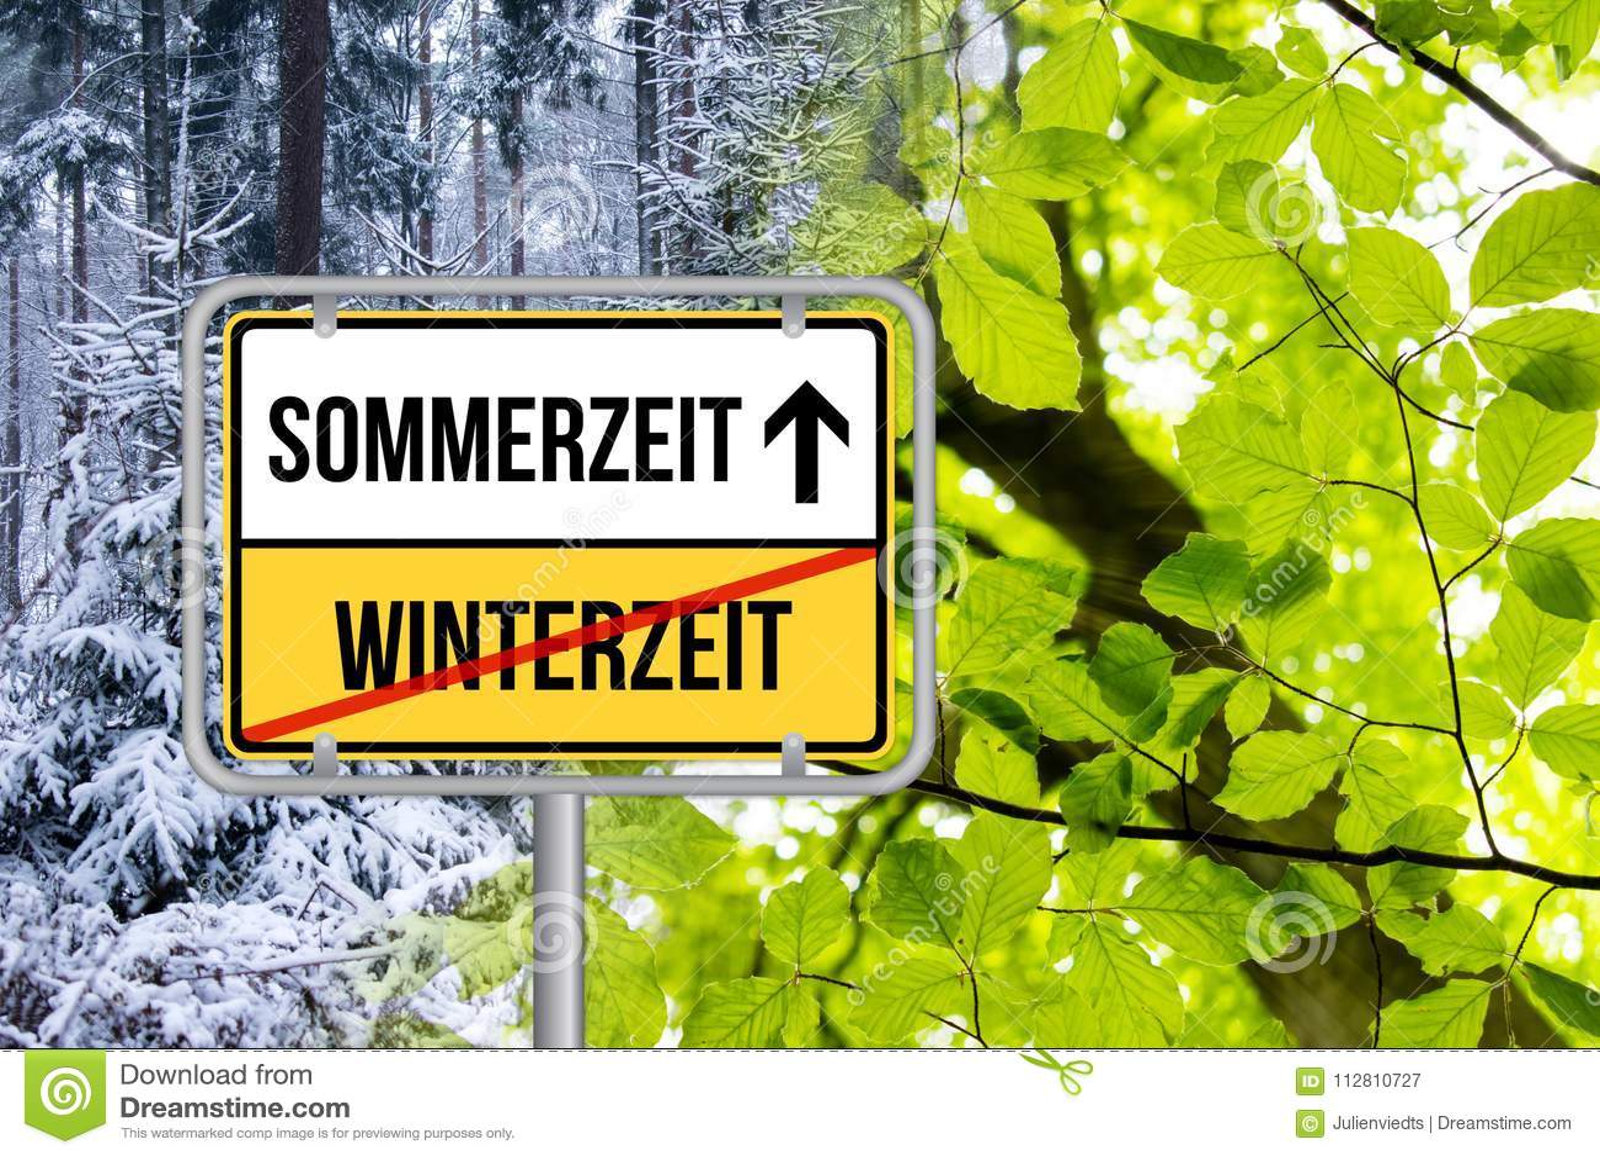 Sommerzeit DST Zeitumstellung von Winterzeit auf Sommerzeit Schild